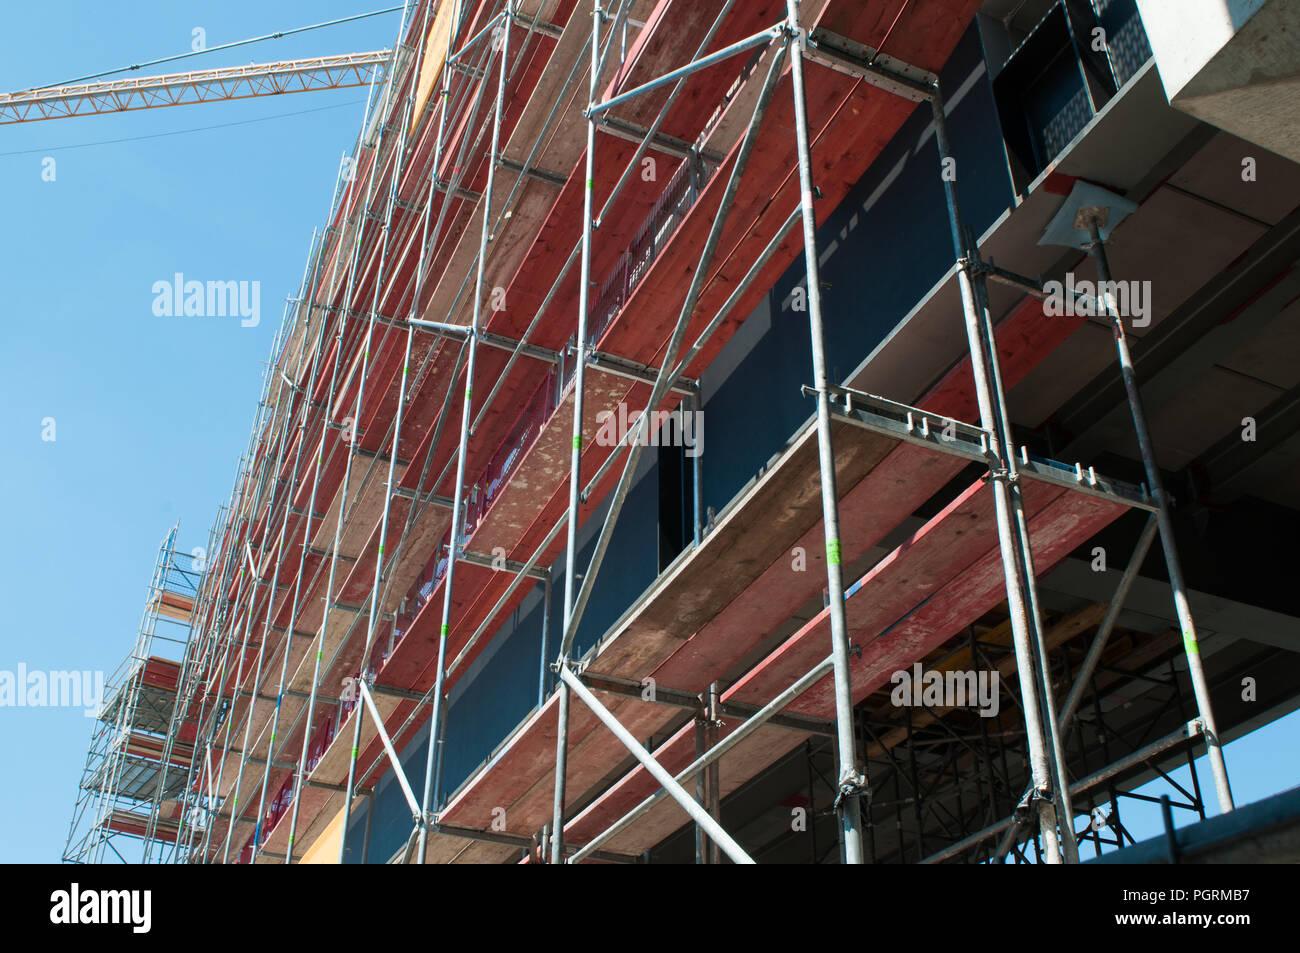 Baugerüst und Bauzaun für Baustellen - Stock Image